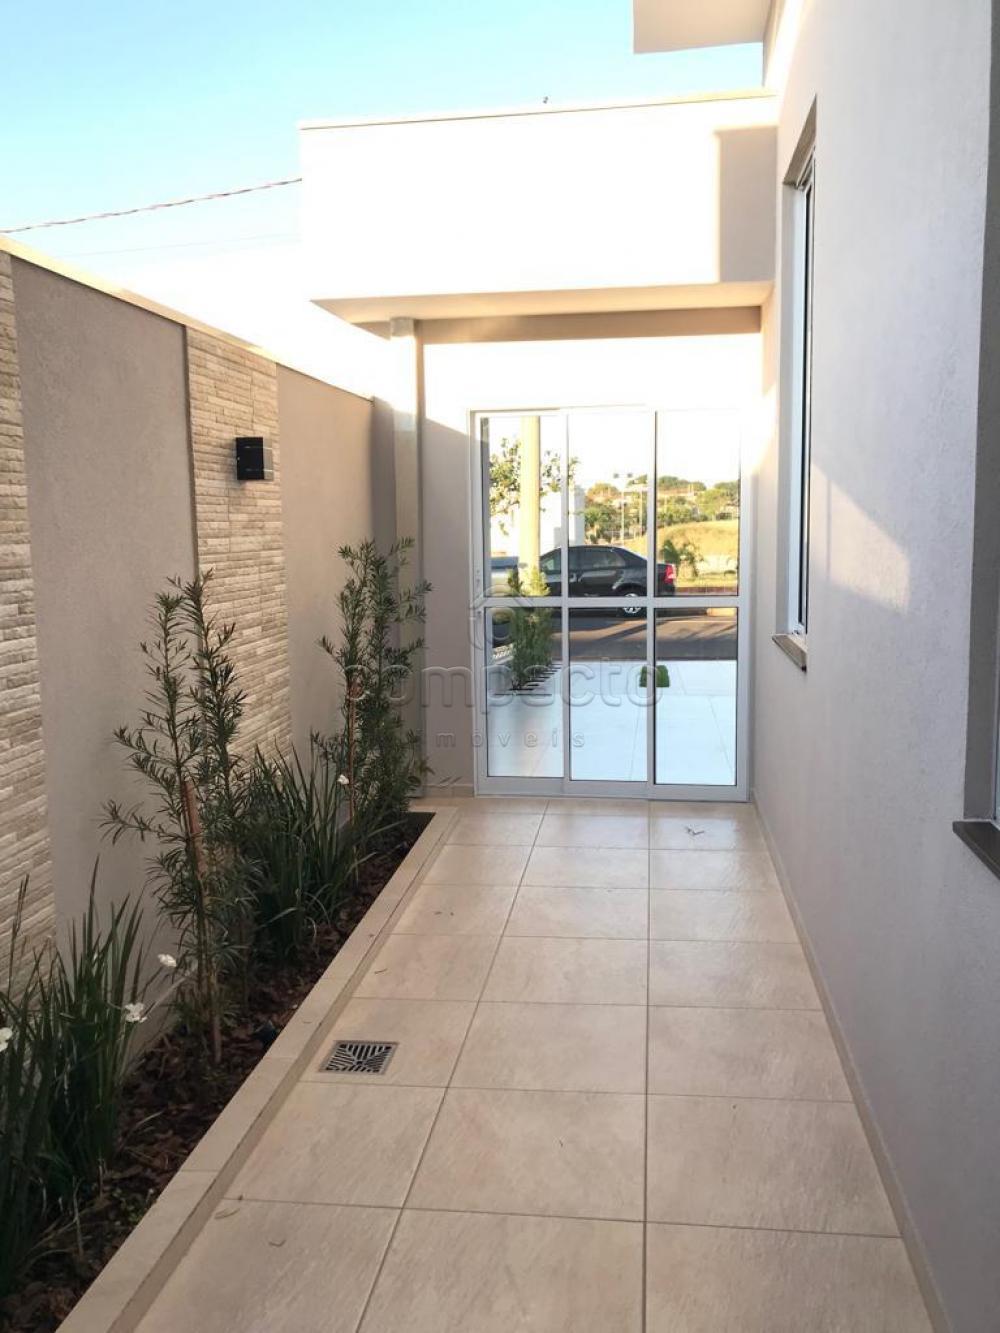 Comprar Casa / Condomínio em São José do Rio Preto apenas R$ 680.000,00 - Foto 19